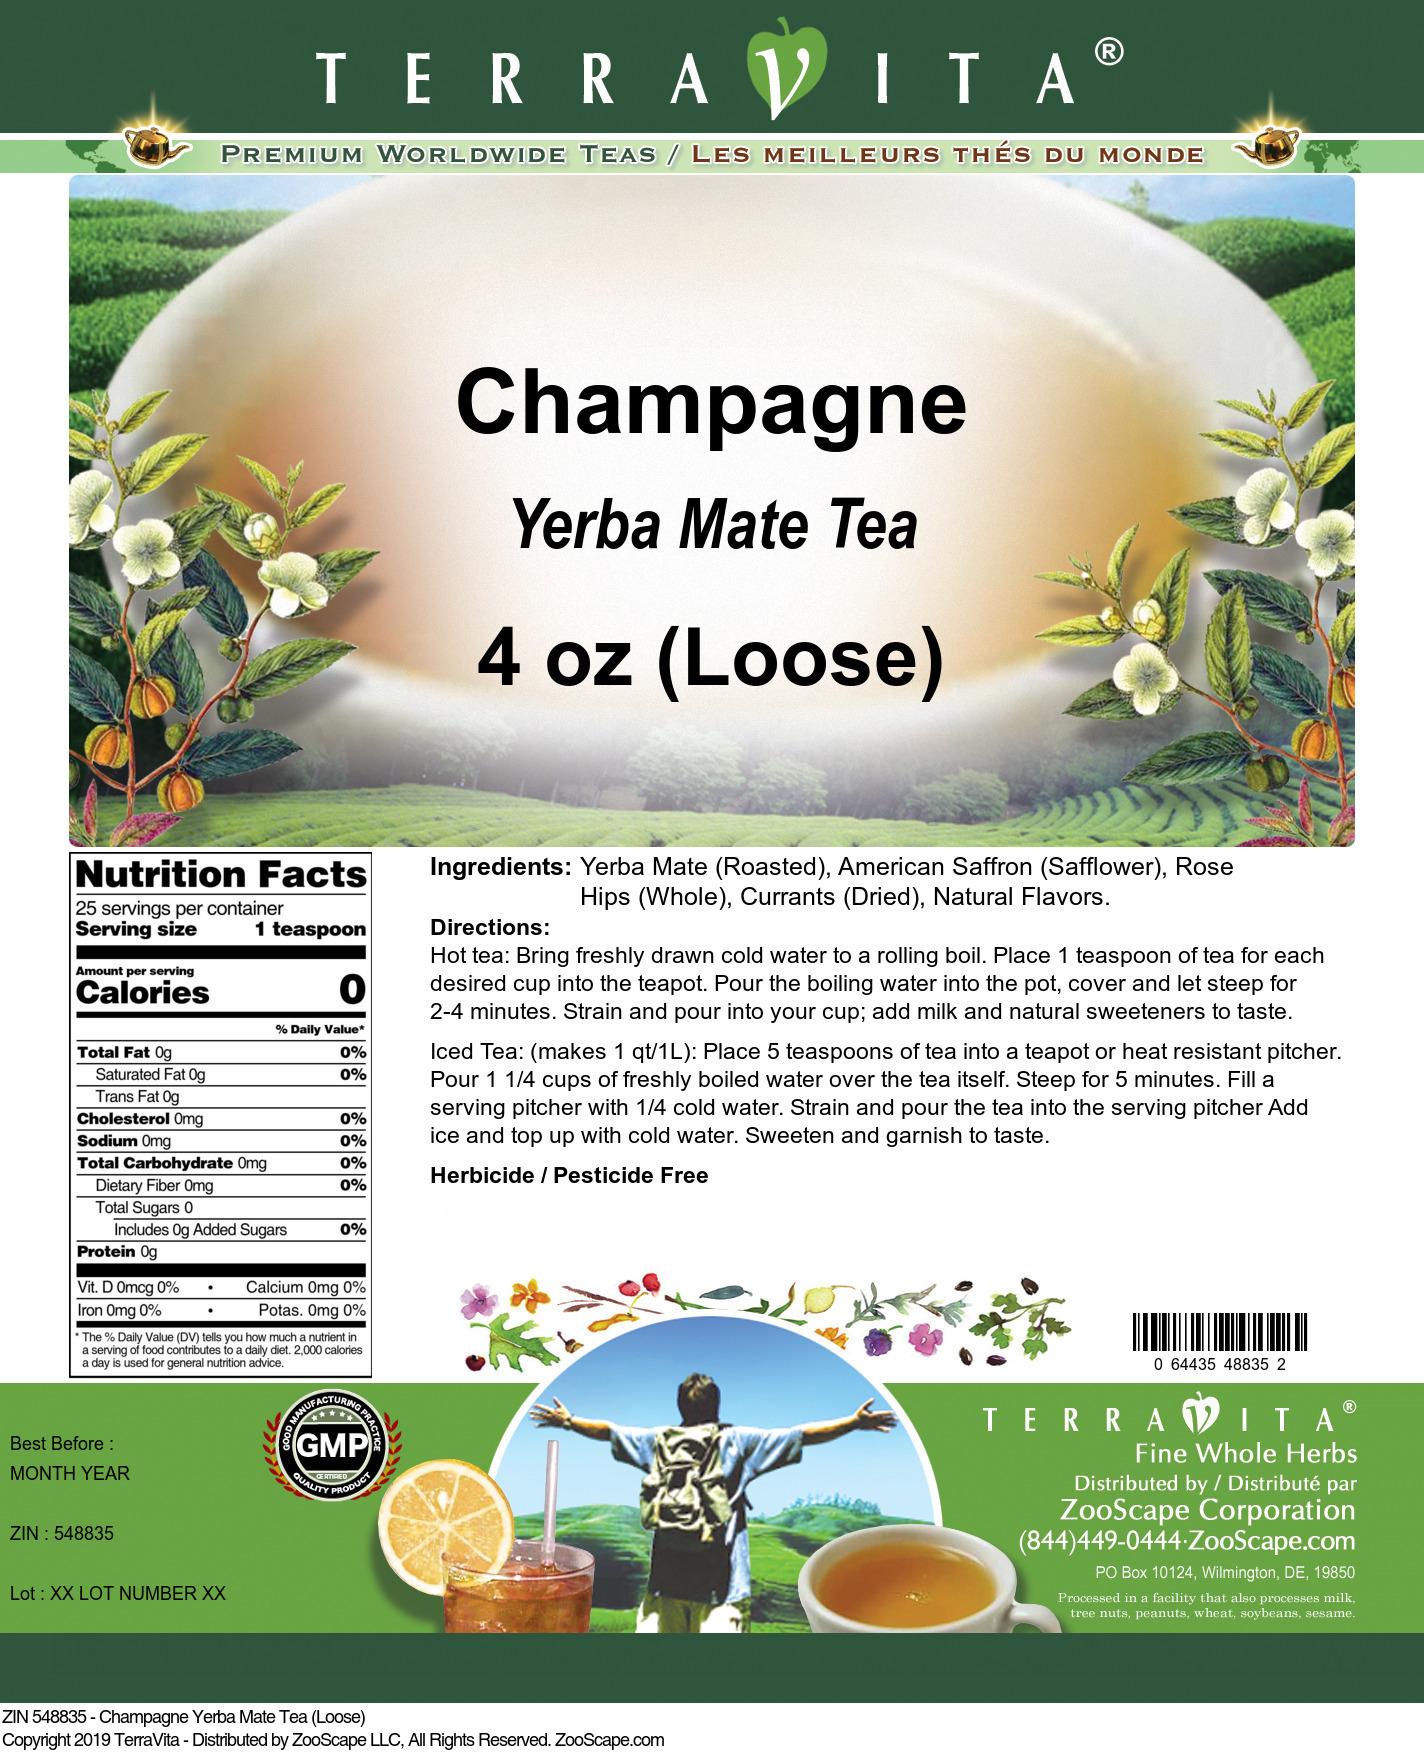 Champagne Yerba Mate